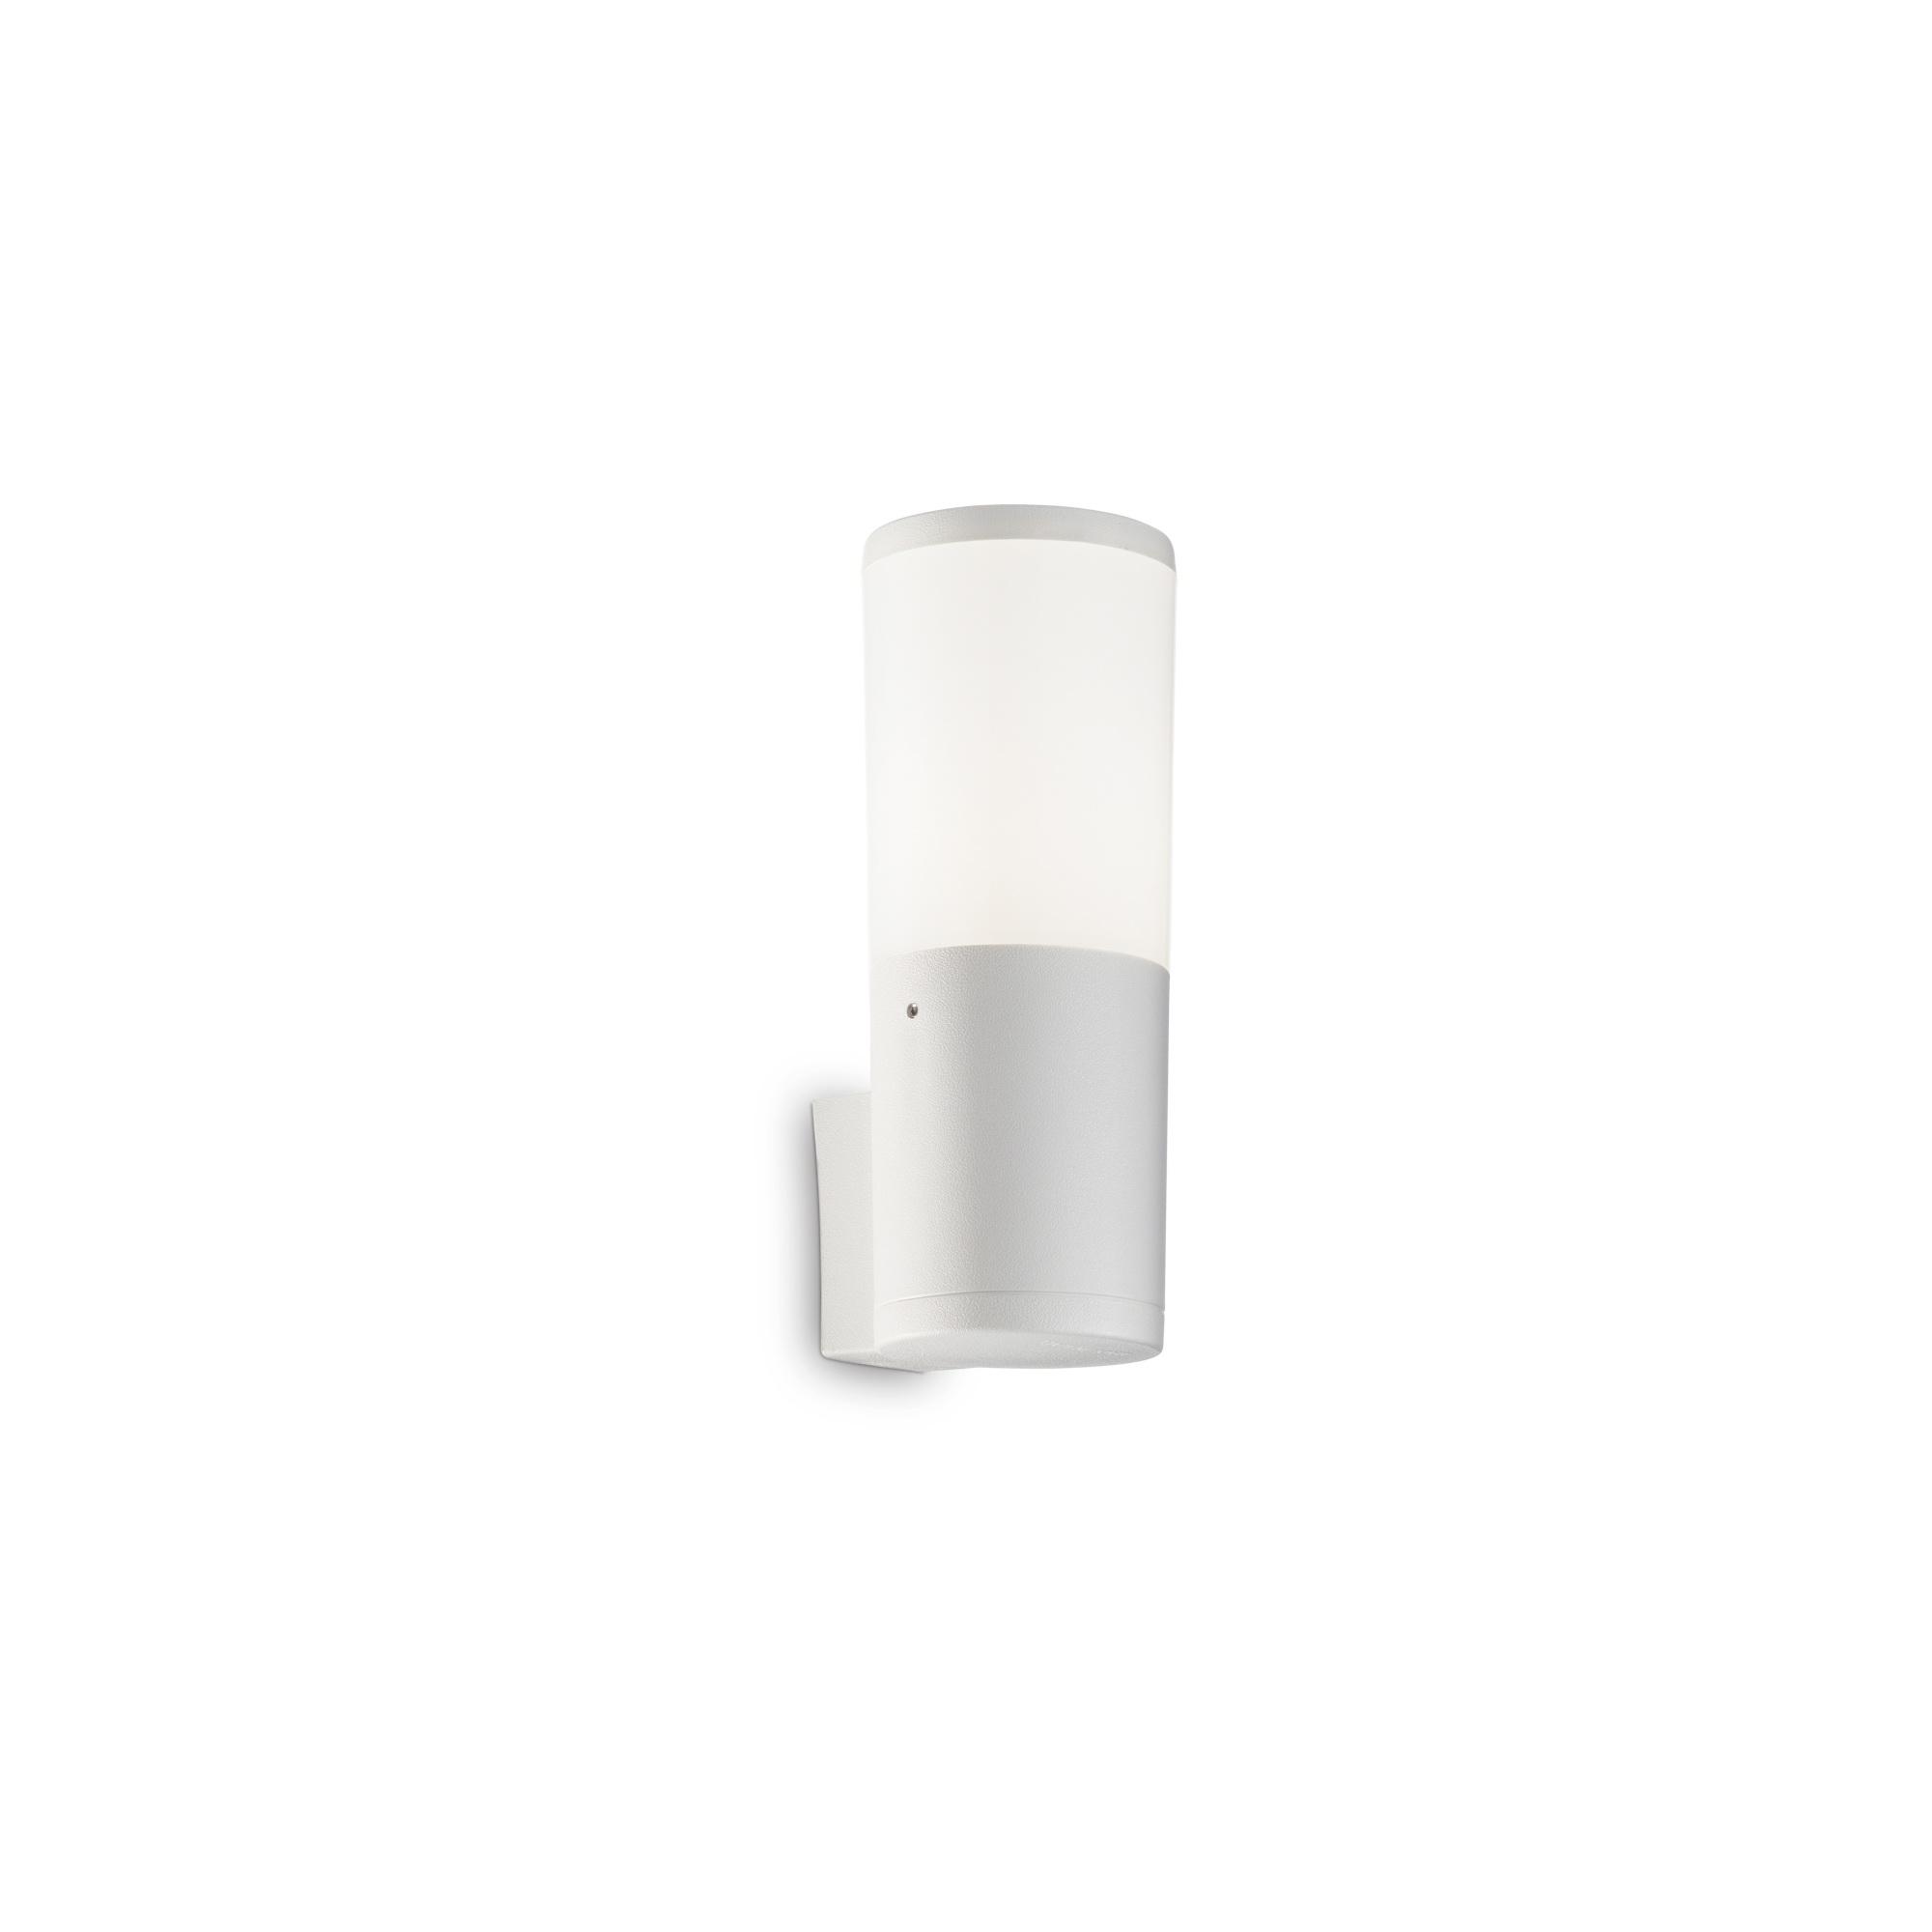 AMELIA AP1 BIANCO уличный накладной светильник белый